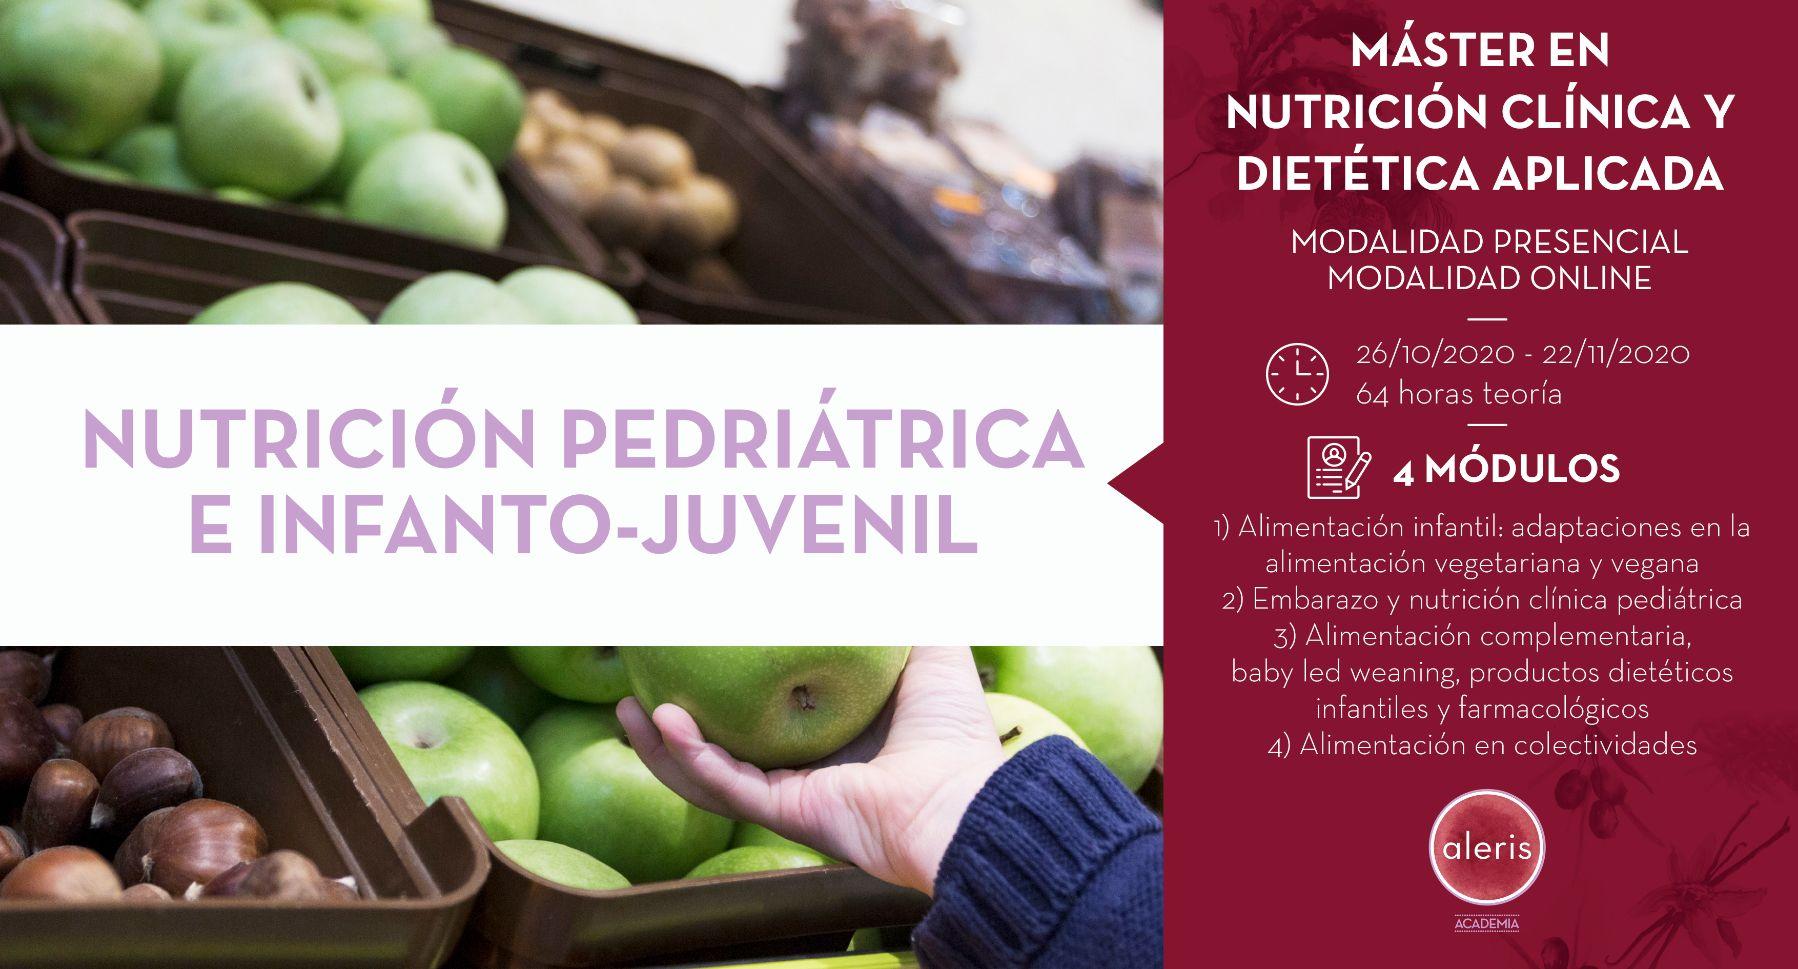 NUTRICIÓN PEDIÁTRICA E INFANTO JUVENIL